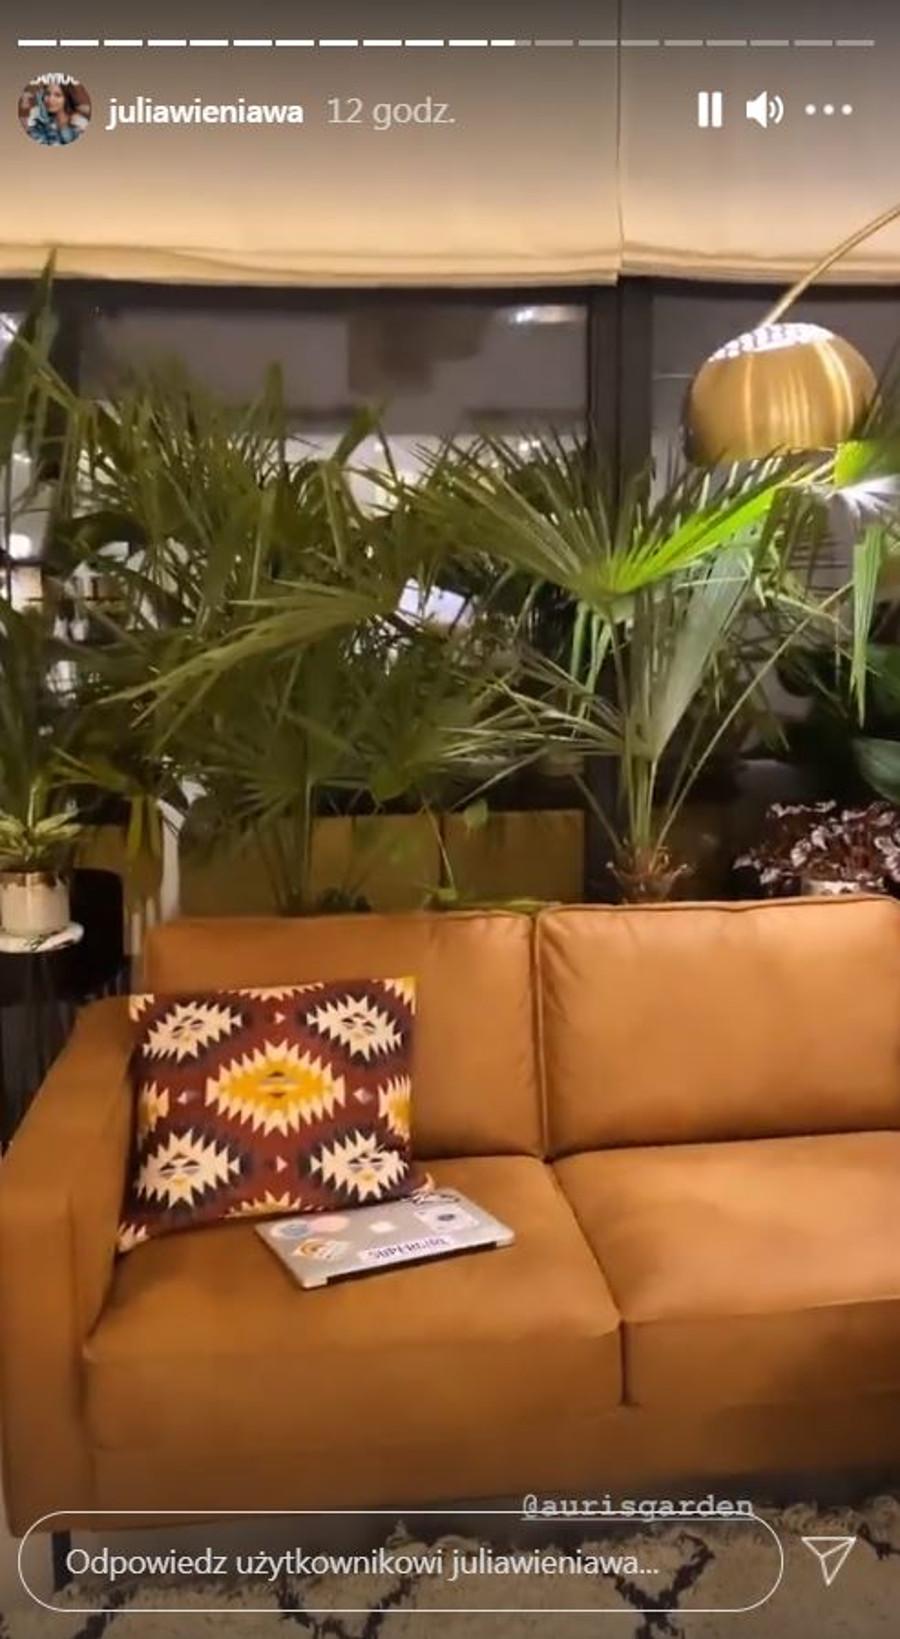 Dżungla w mieszkaniu Julii Wieniawy.